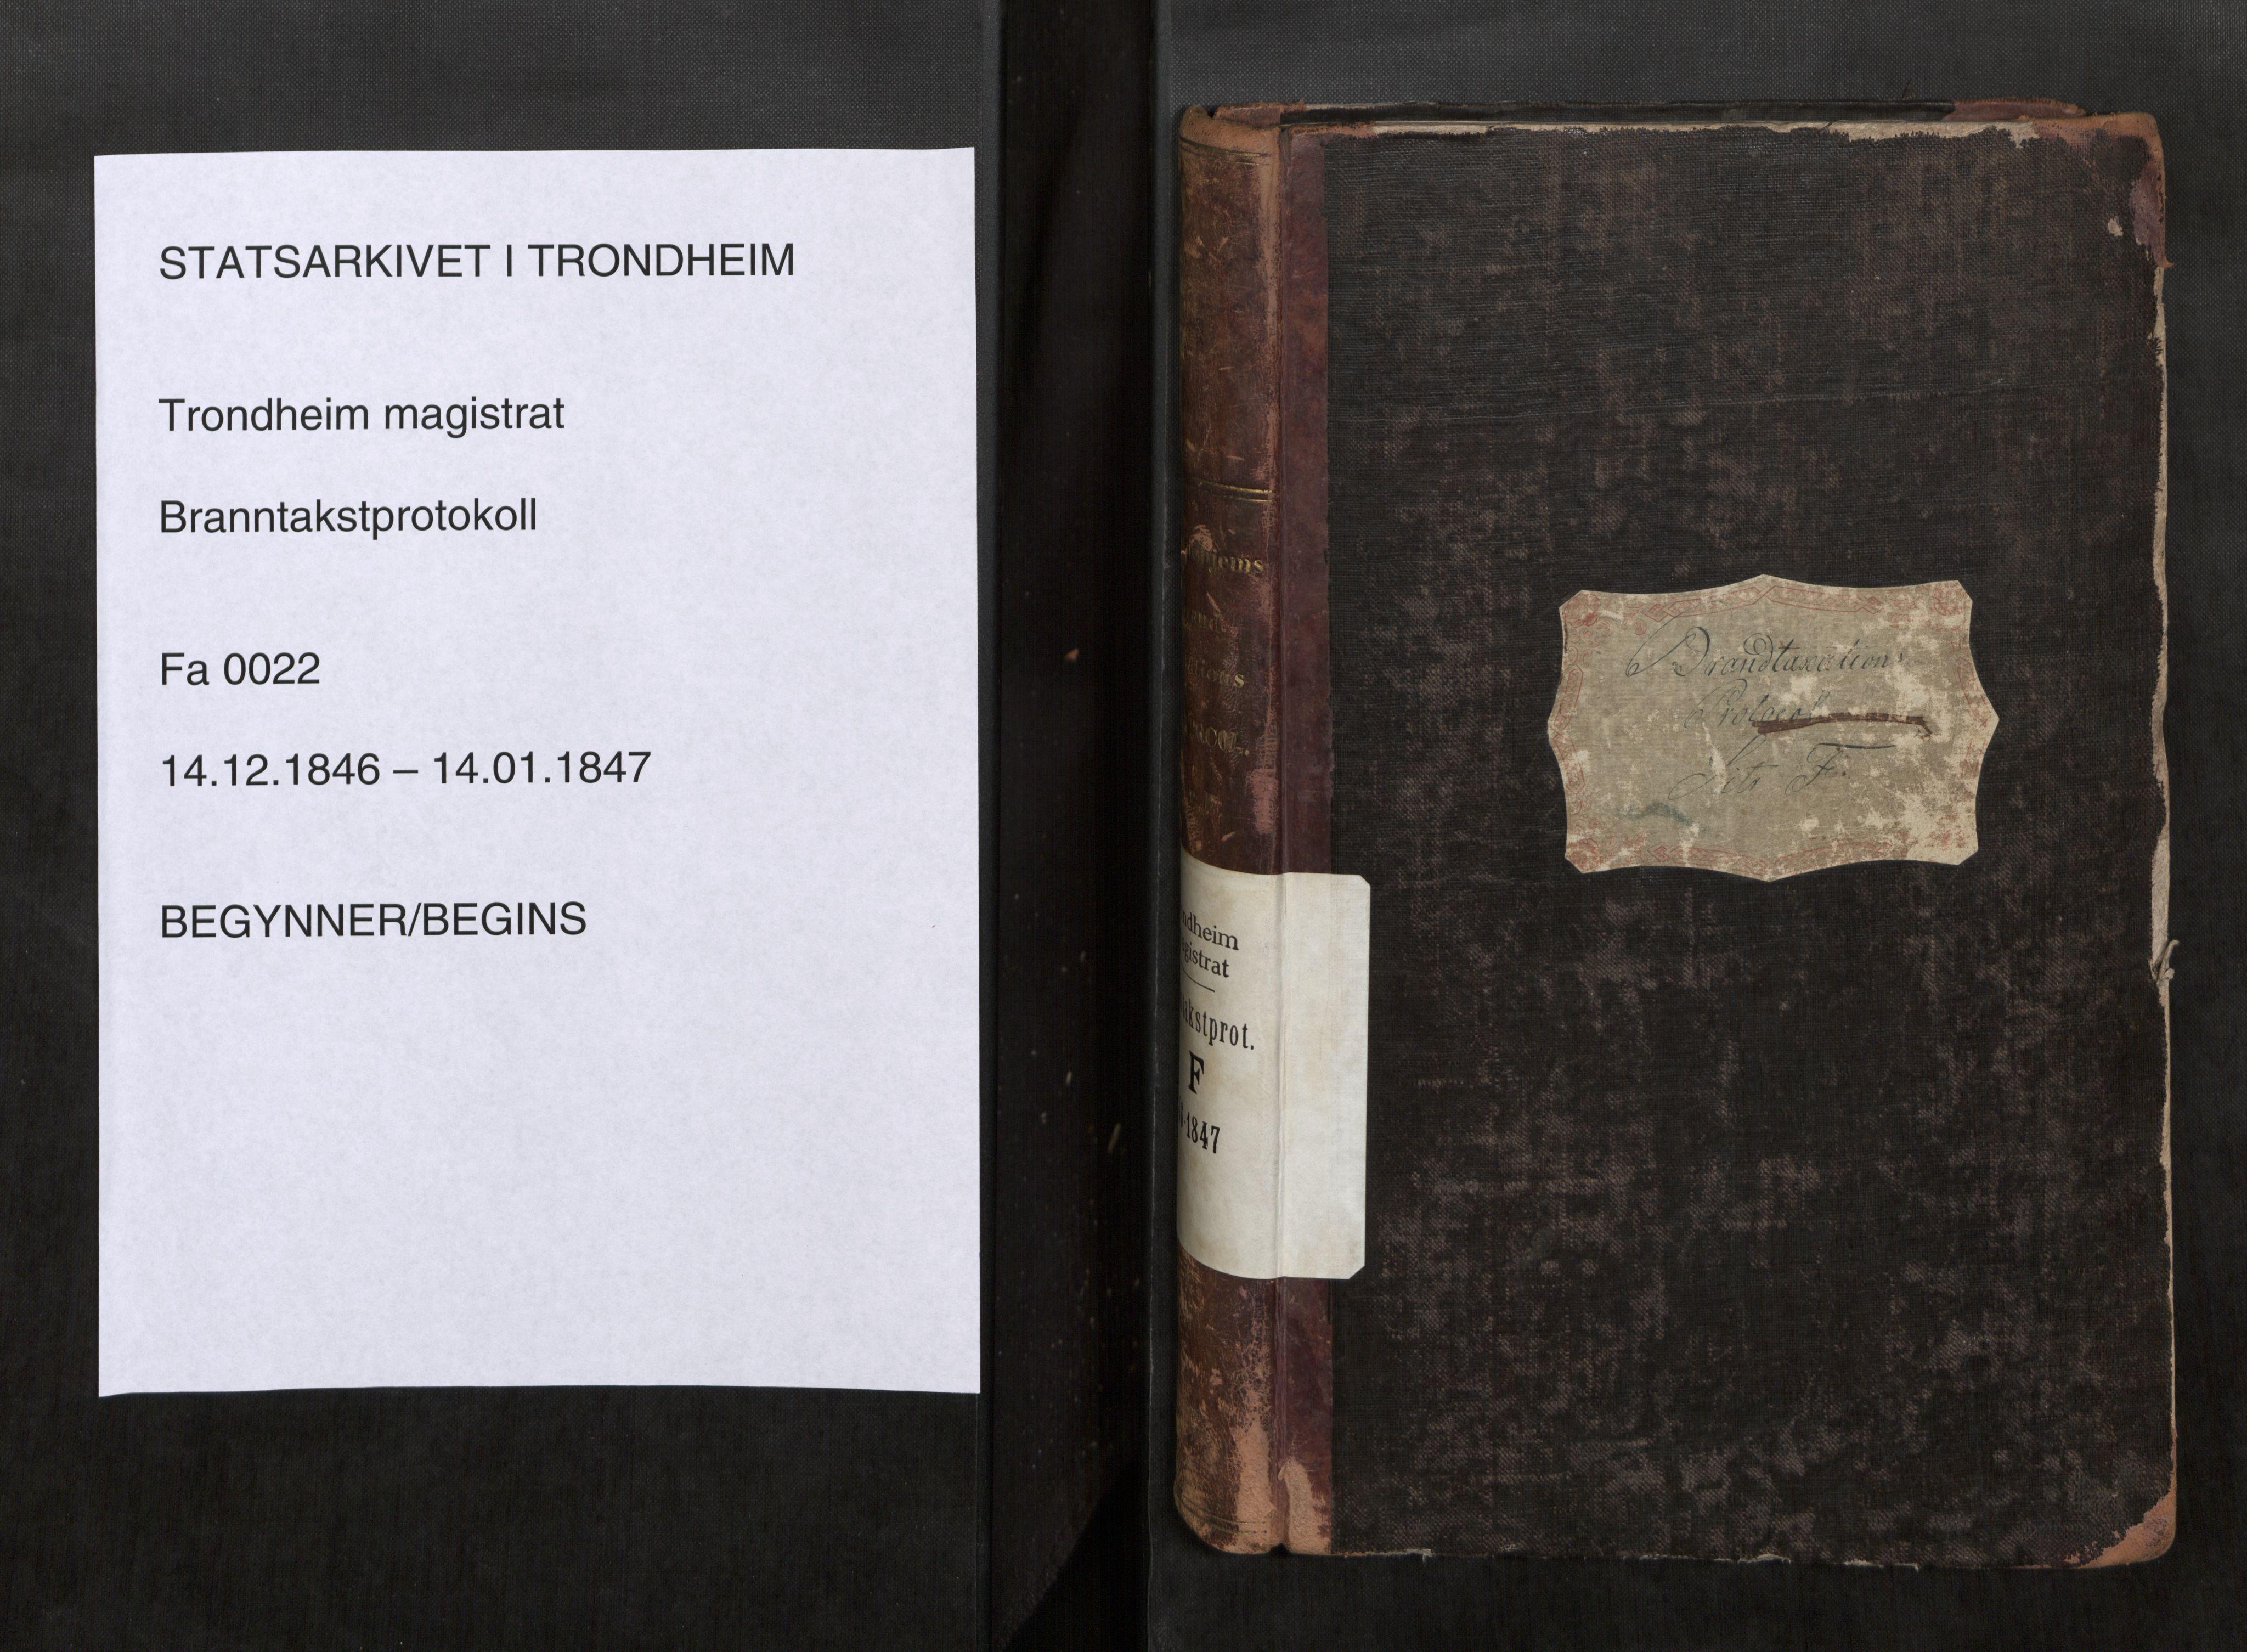 SAT, Norges Brannkasse Trondheim magistrat, Fa/L0025: Branntakstprotokoll F, 1846-1847